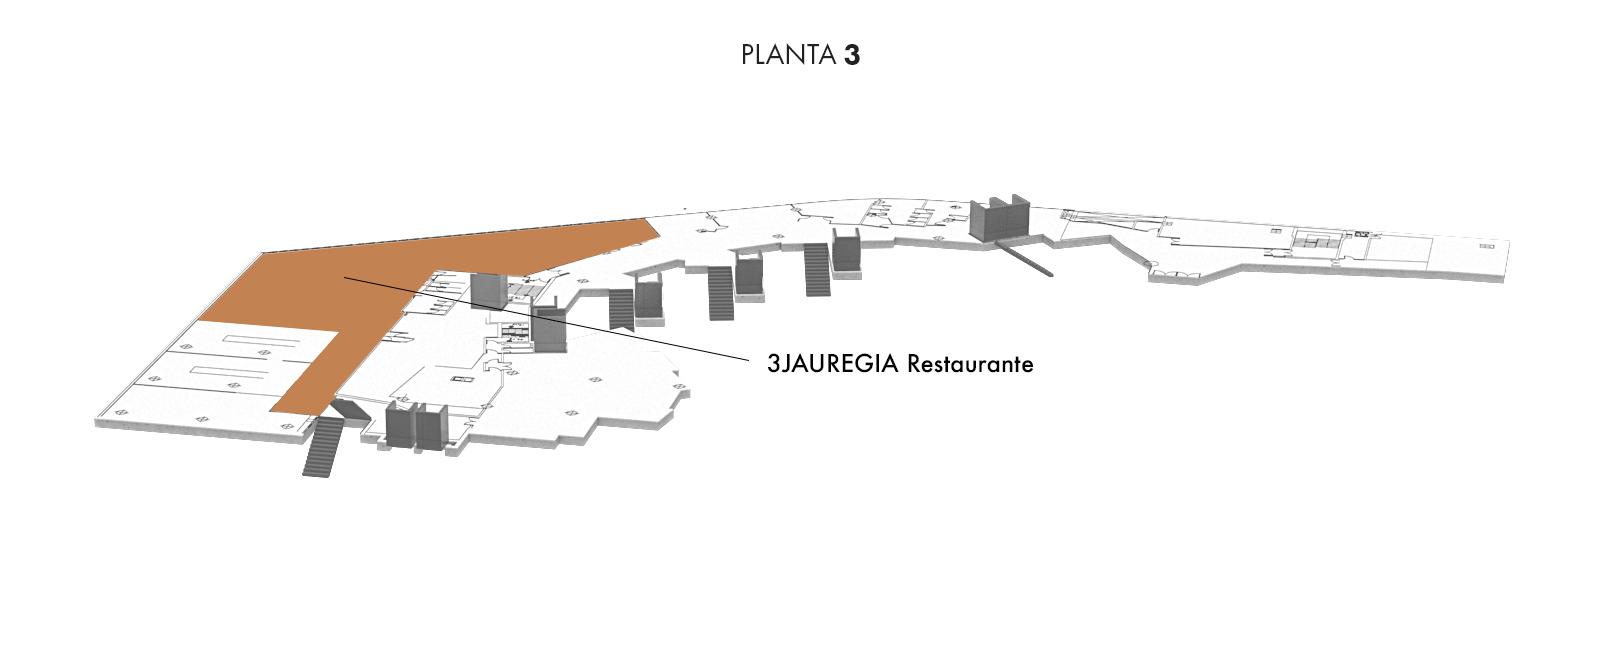 3JAUREGIA Restaurante, Planta 3 | Palacio Euskalduna Jauregia